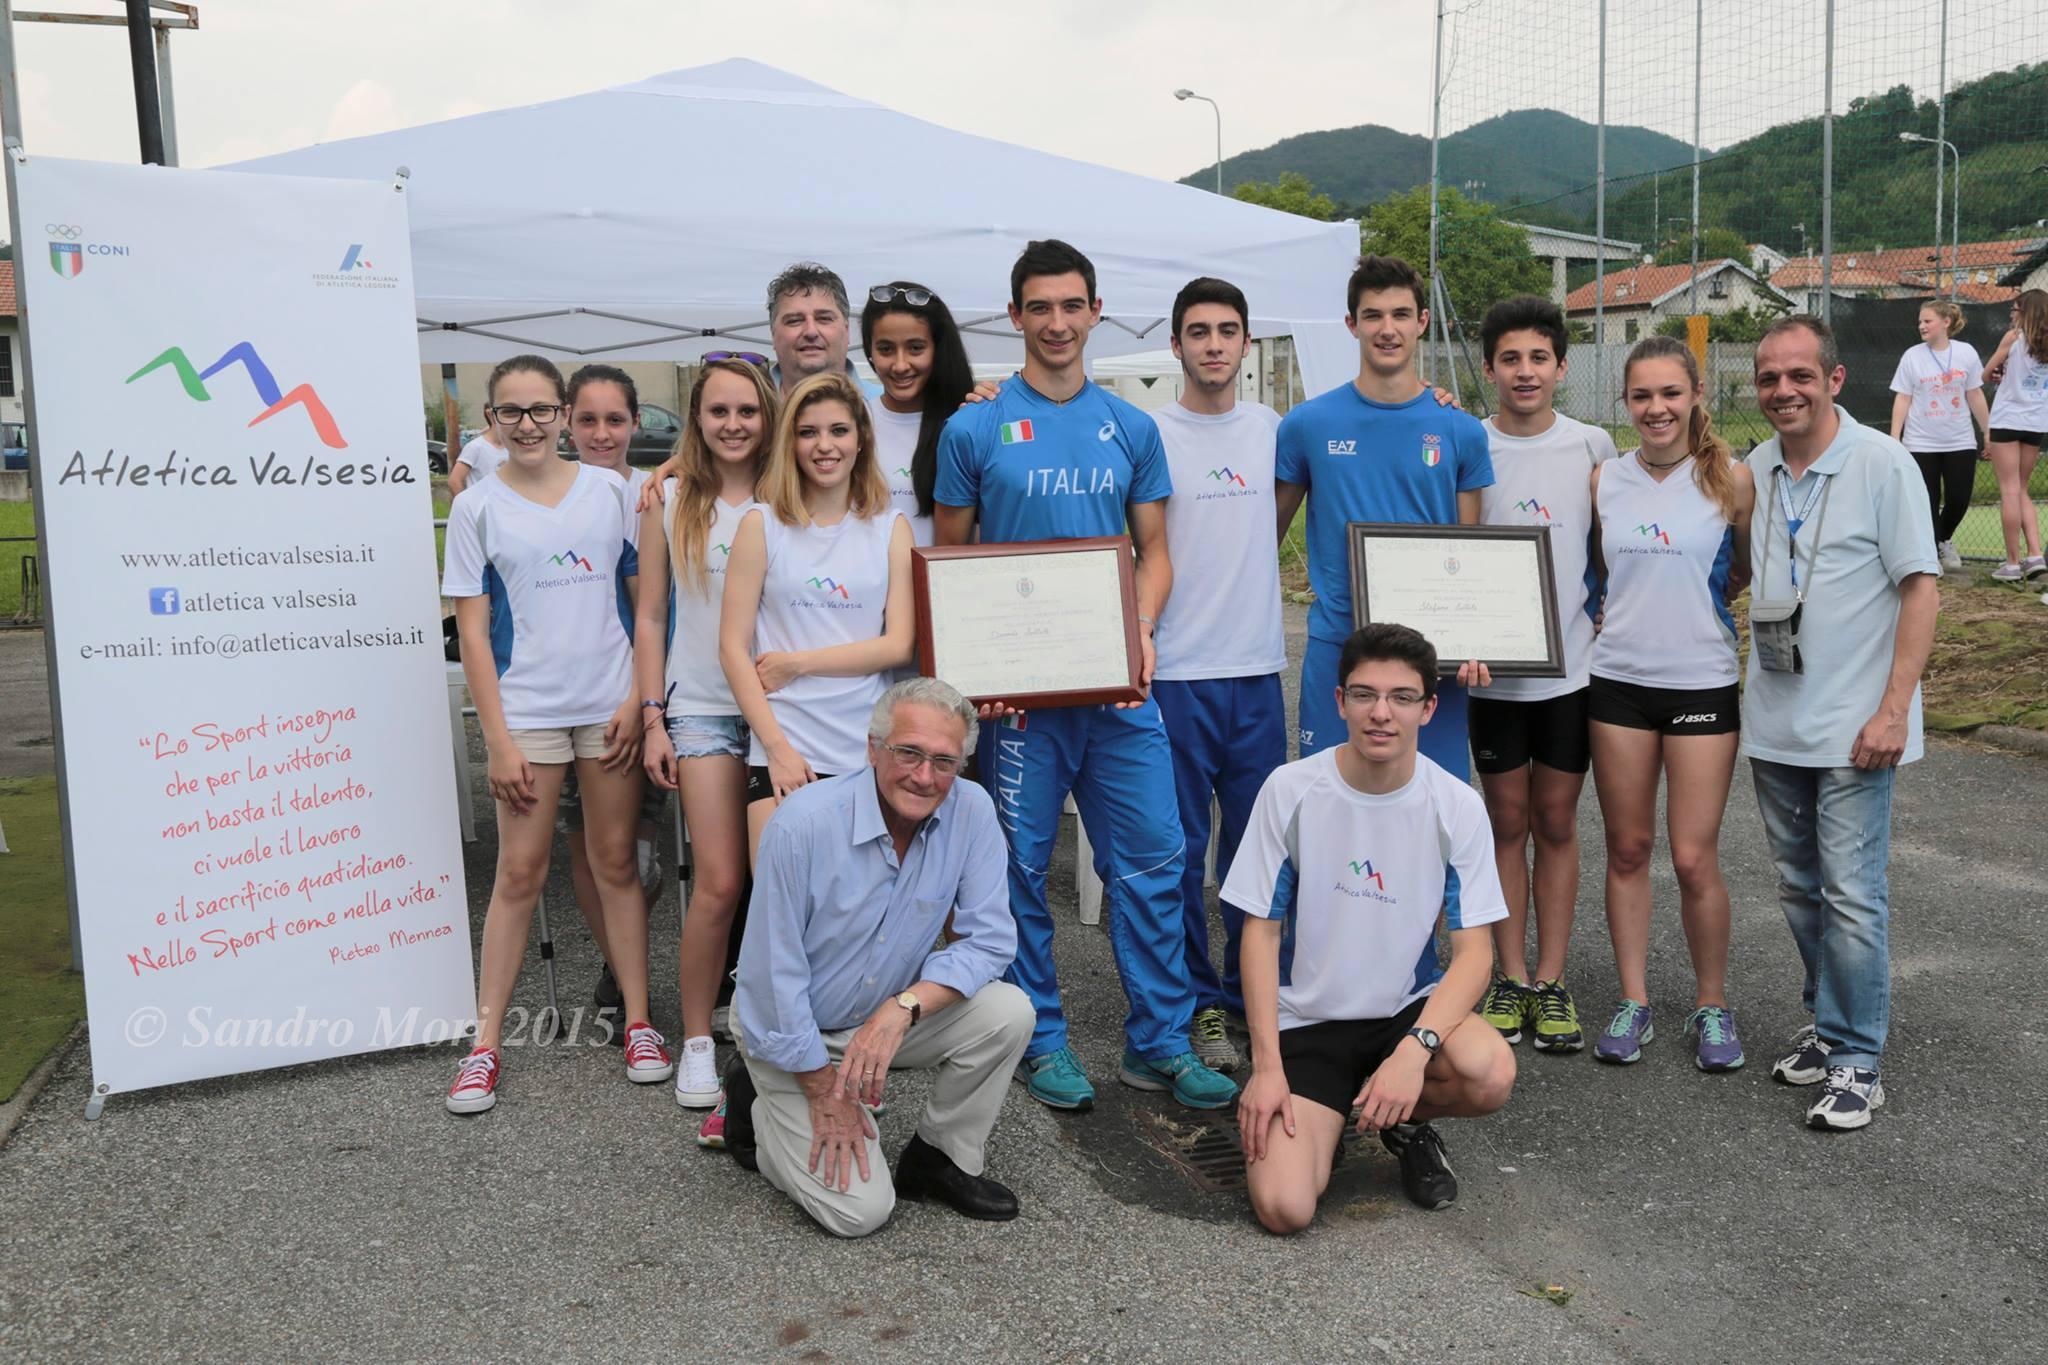 2015.06.02 Grignasco festa dello sport3